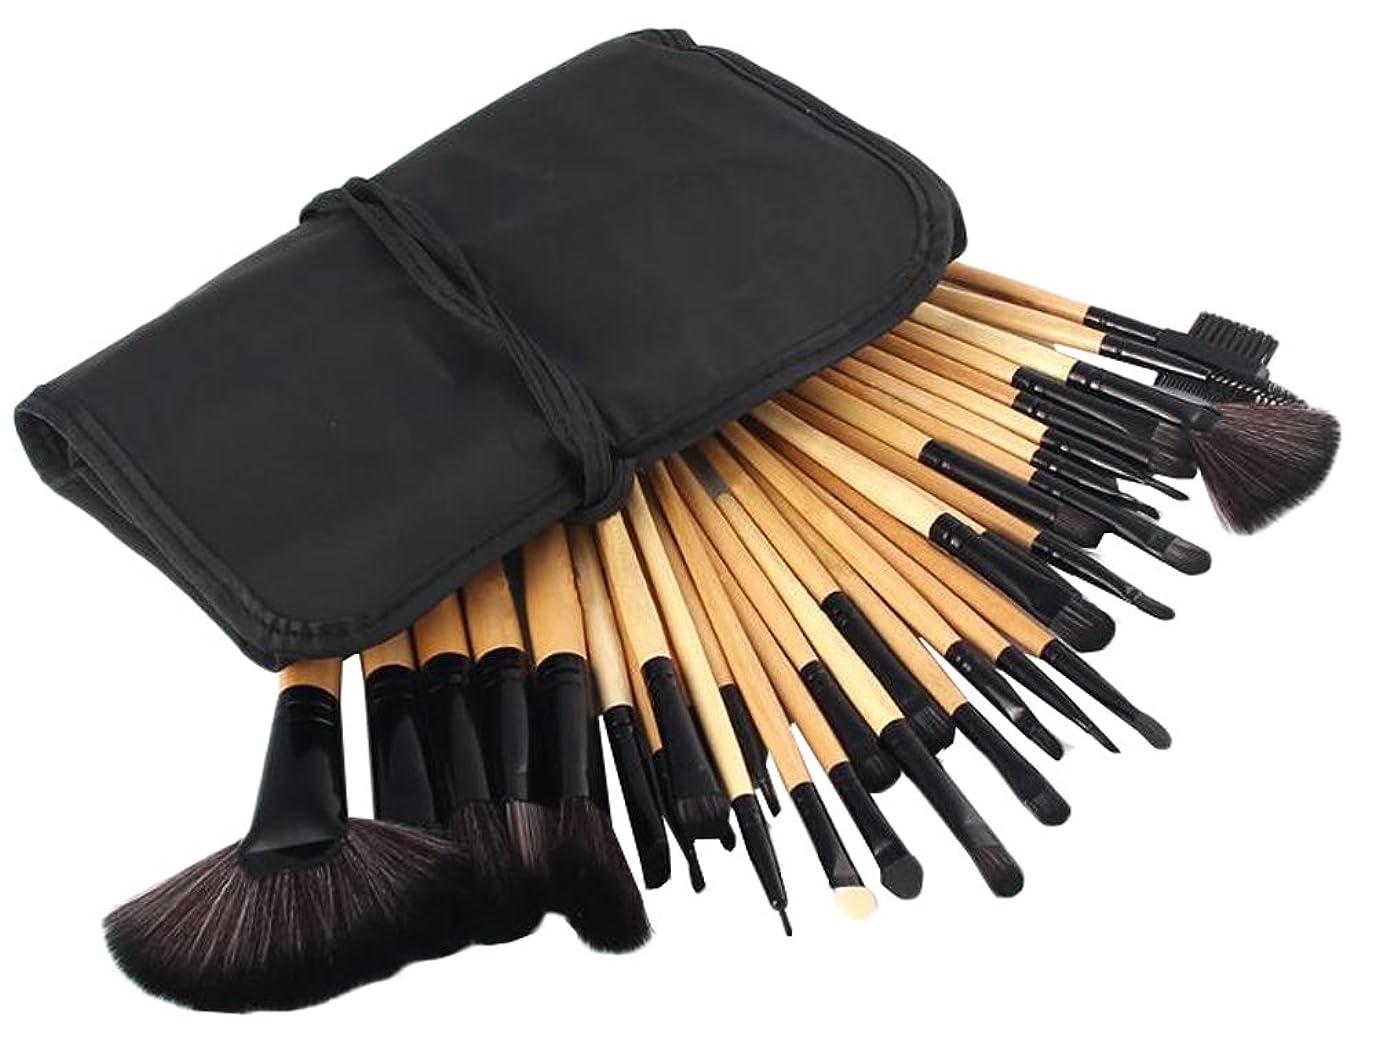 不平を言う母皮肉IvyOnly メイクブラシセット 32本セット 化粧筆 化粧ブラシ 極細 収納ケース付き 木製ハンドル 布袋 (木)